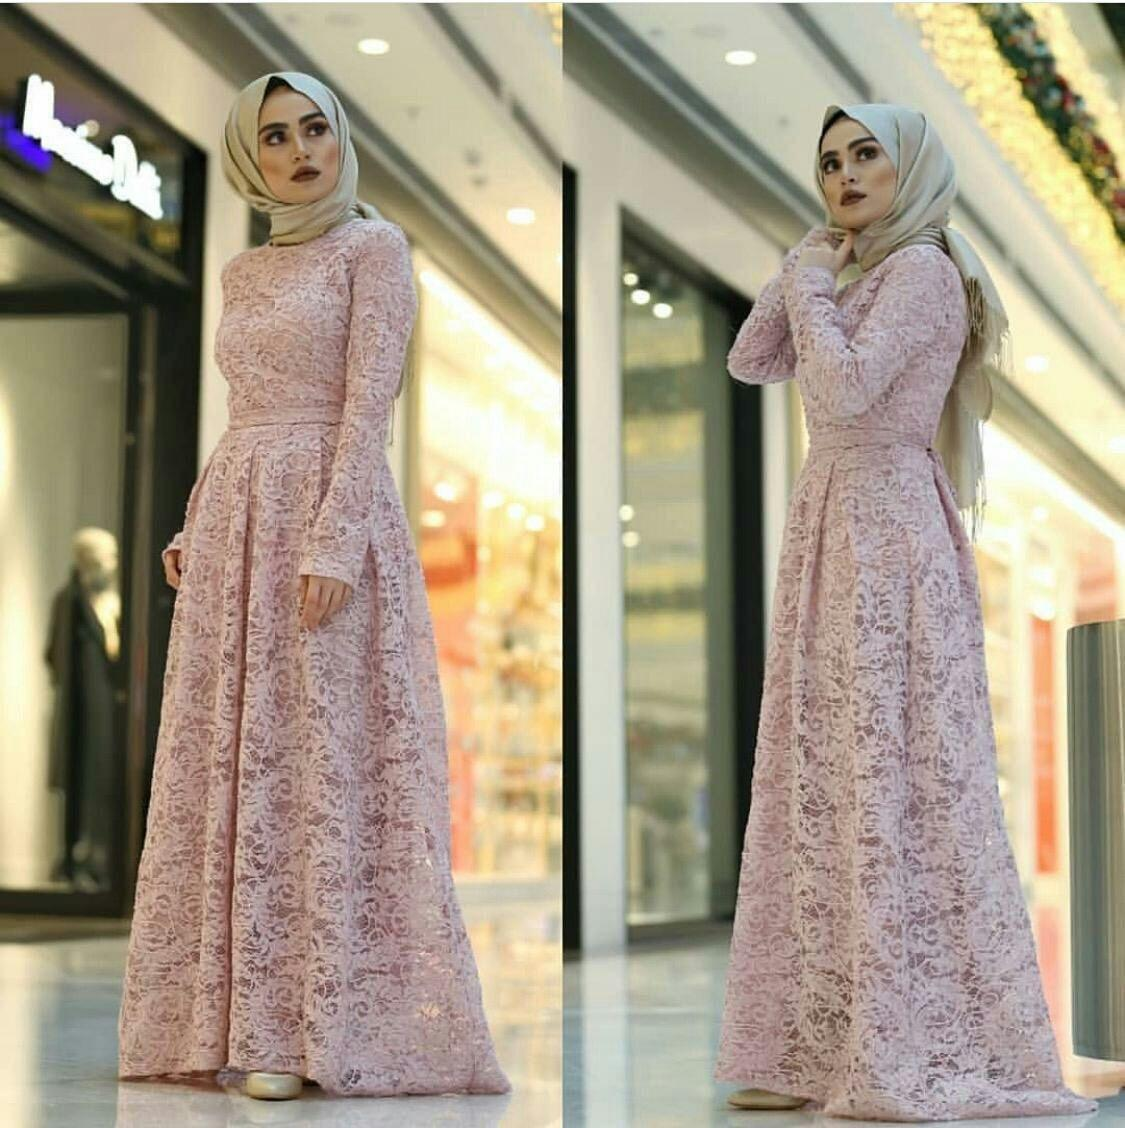 Baju gamis brukat DORNAN/ gamis hijabera lucu cantik dan elegant/ baju  kondangan gamis pesta maxi brokat best seller/ baji gamis modern model  cantik/